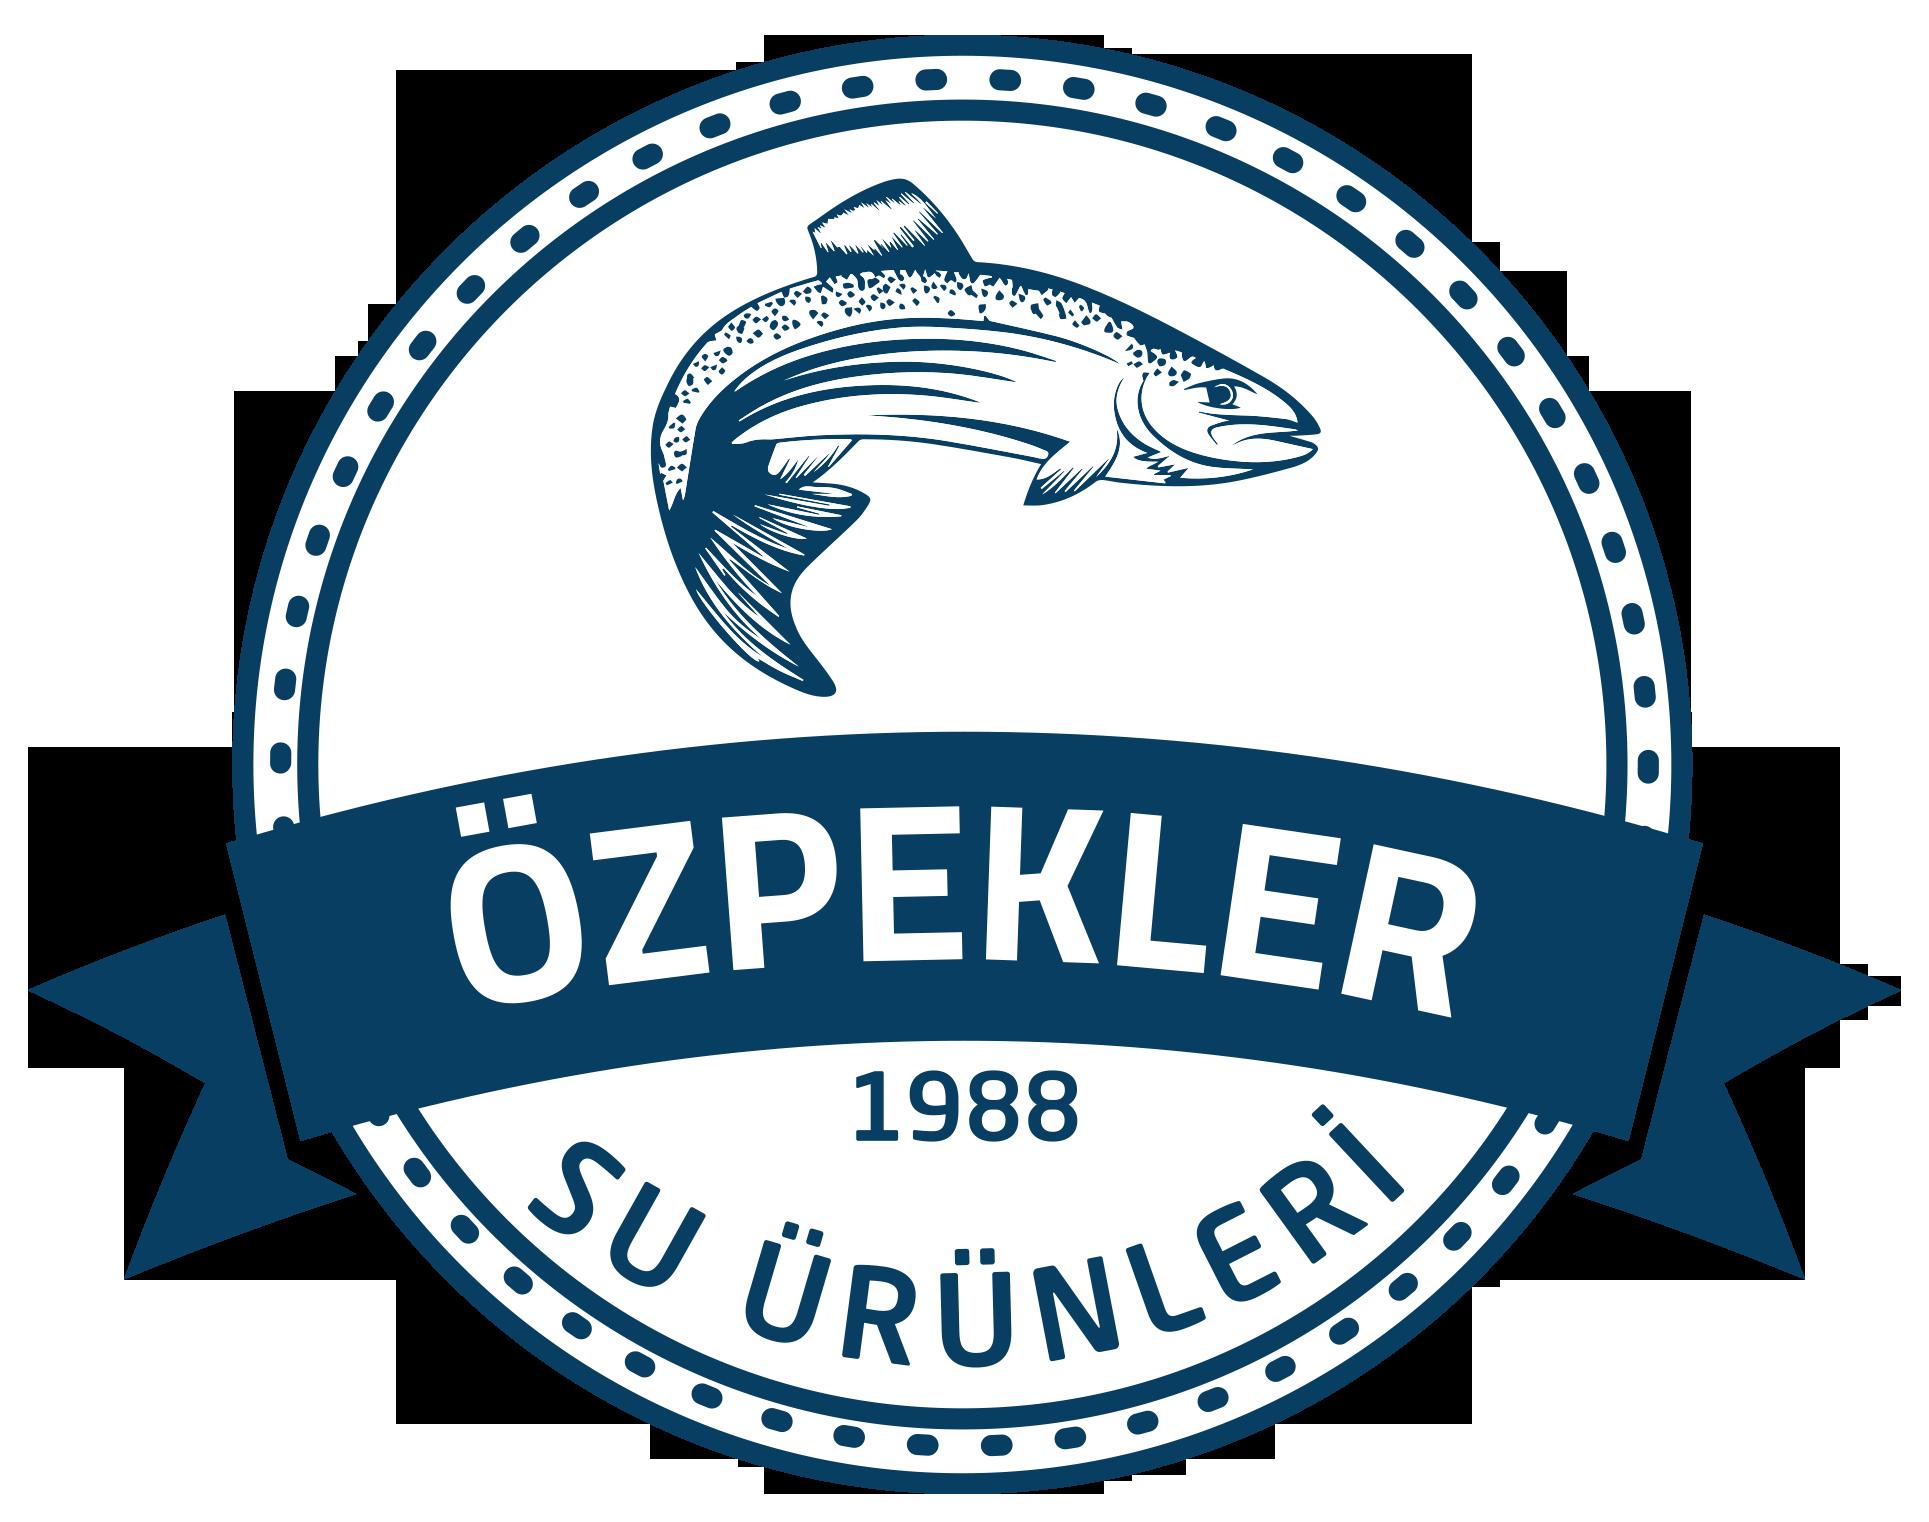 Canlı Alabalık - Özpekler Su Ürünleri Ltd. Şti.